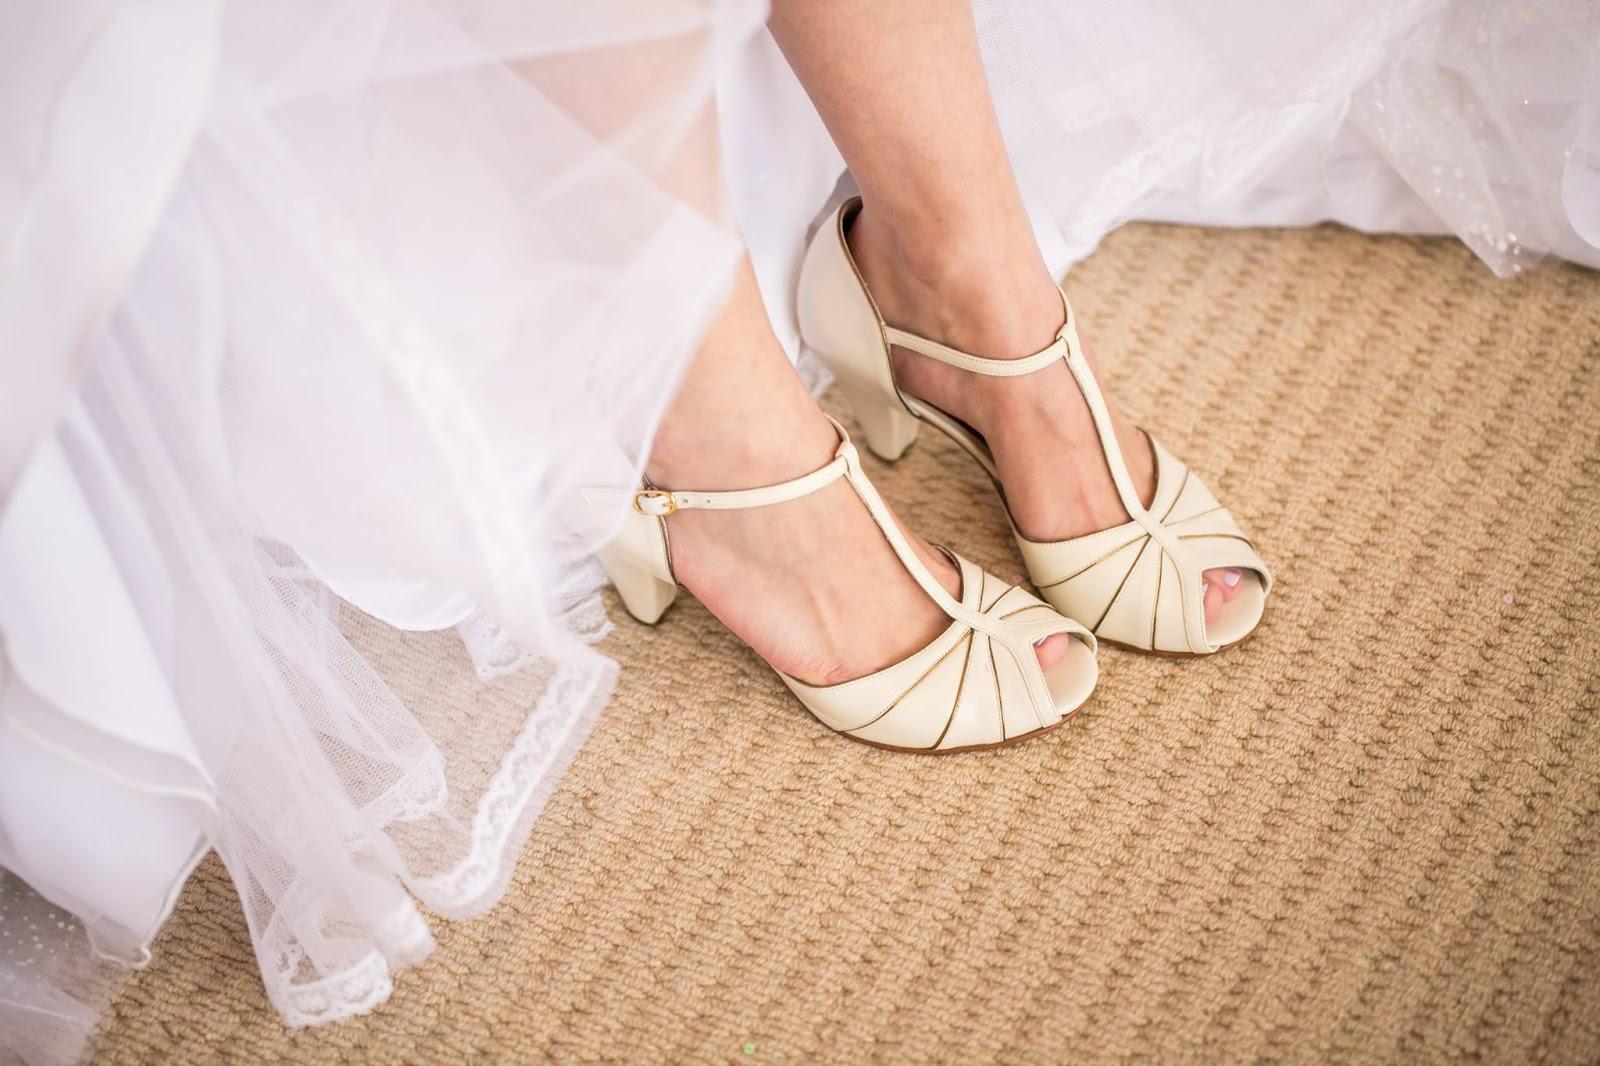 67172cfa2 A coleção noivas da designer de sapatos Juliana Bicudo. Aqui estão alguns  modelos lindíssimos que escolhi para vocês. Uma pegada retrô que muitas  noivas ...